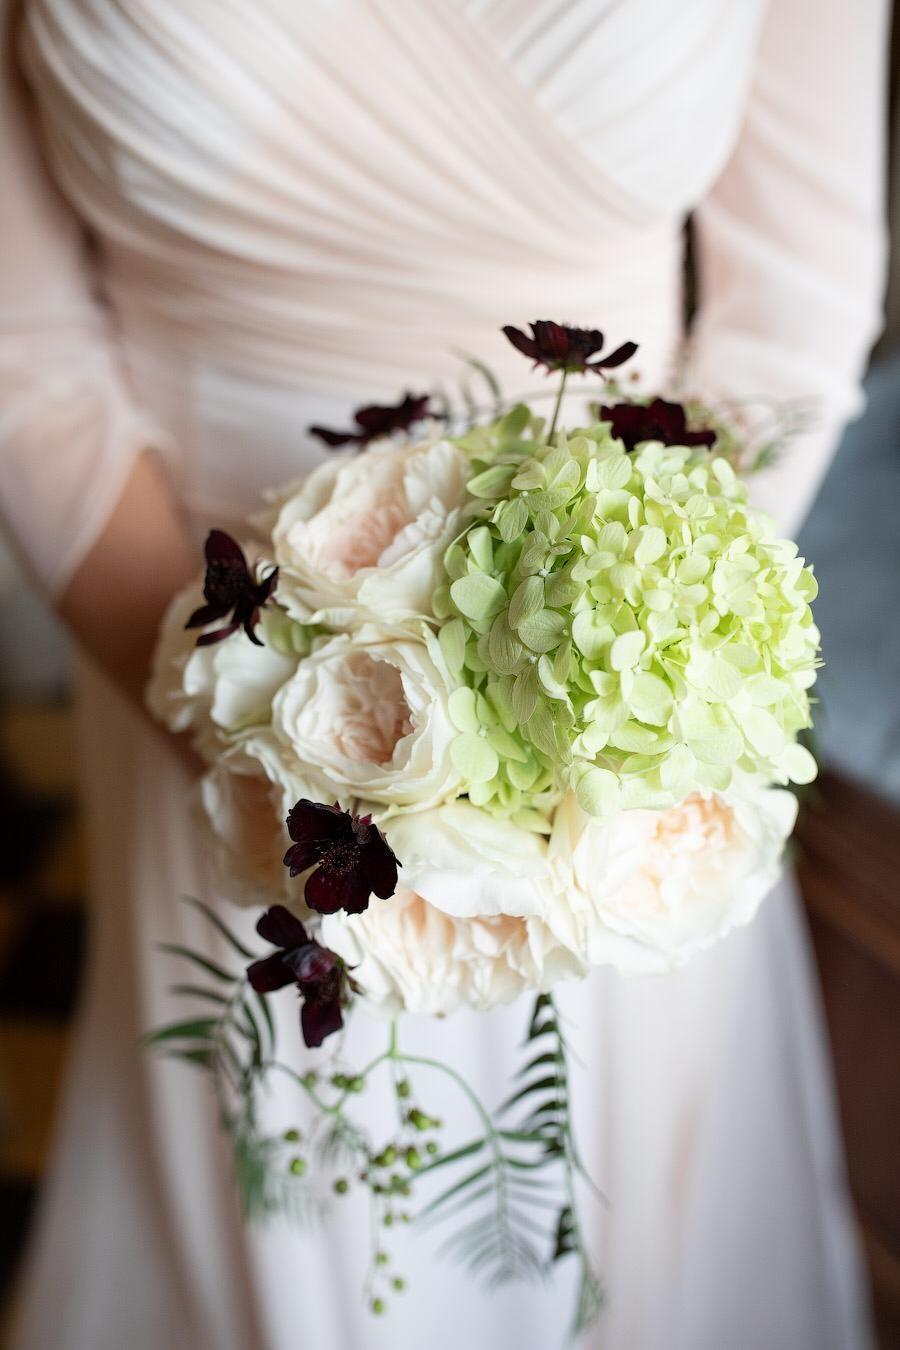 Bouquet Sposa 2018 Settembre.La Sposa Vispa Bouquet Wedding Planner